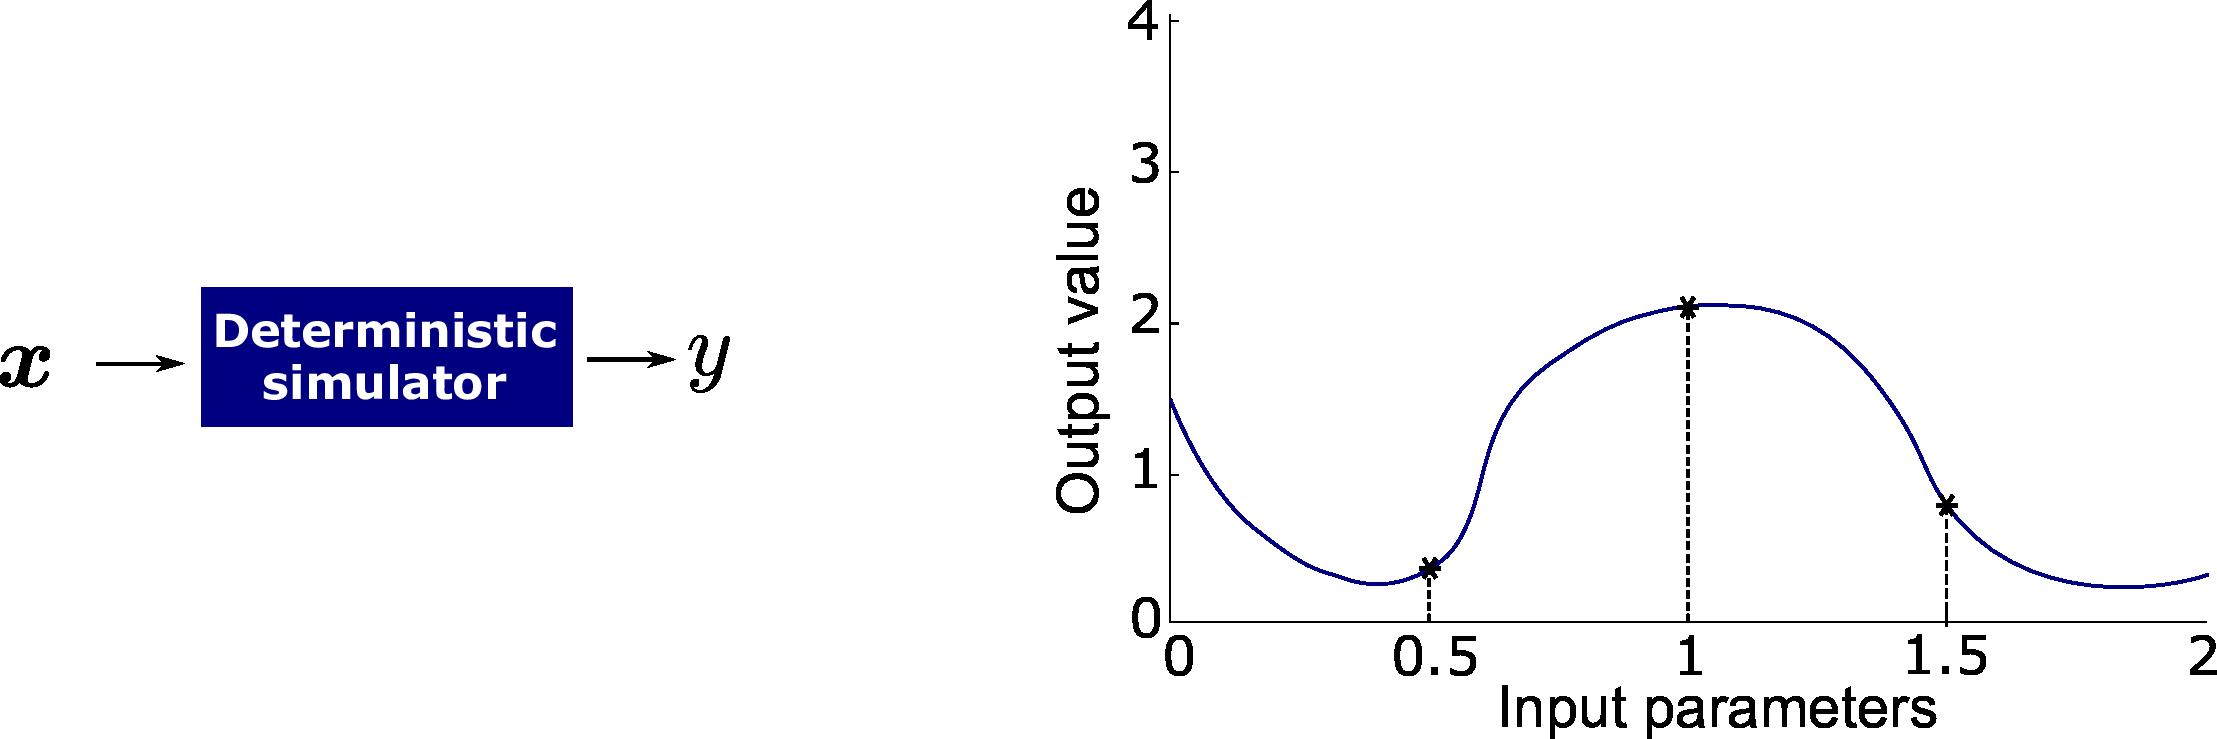 deterministic_simulator